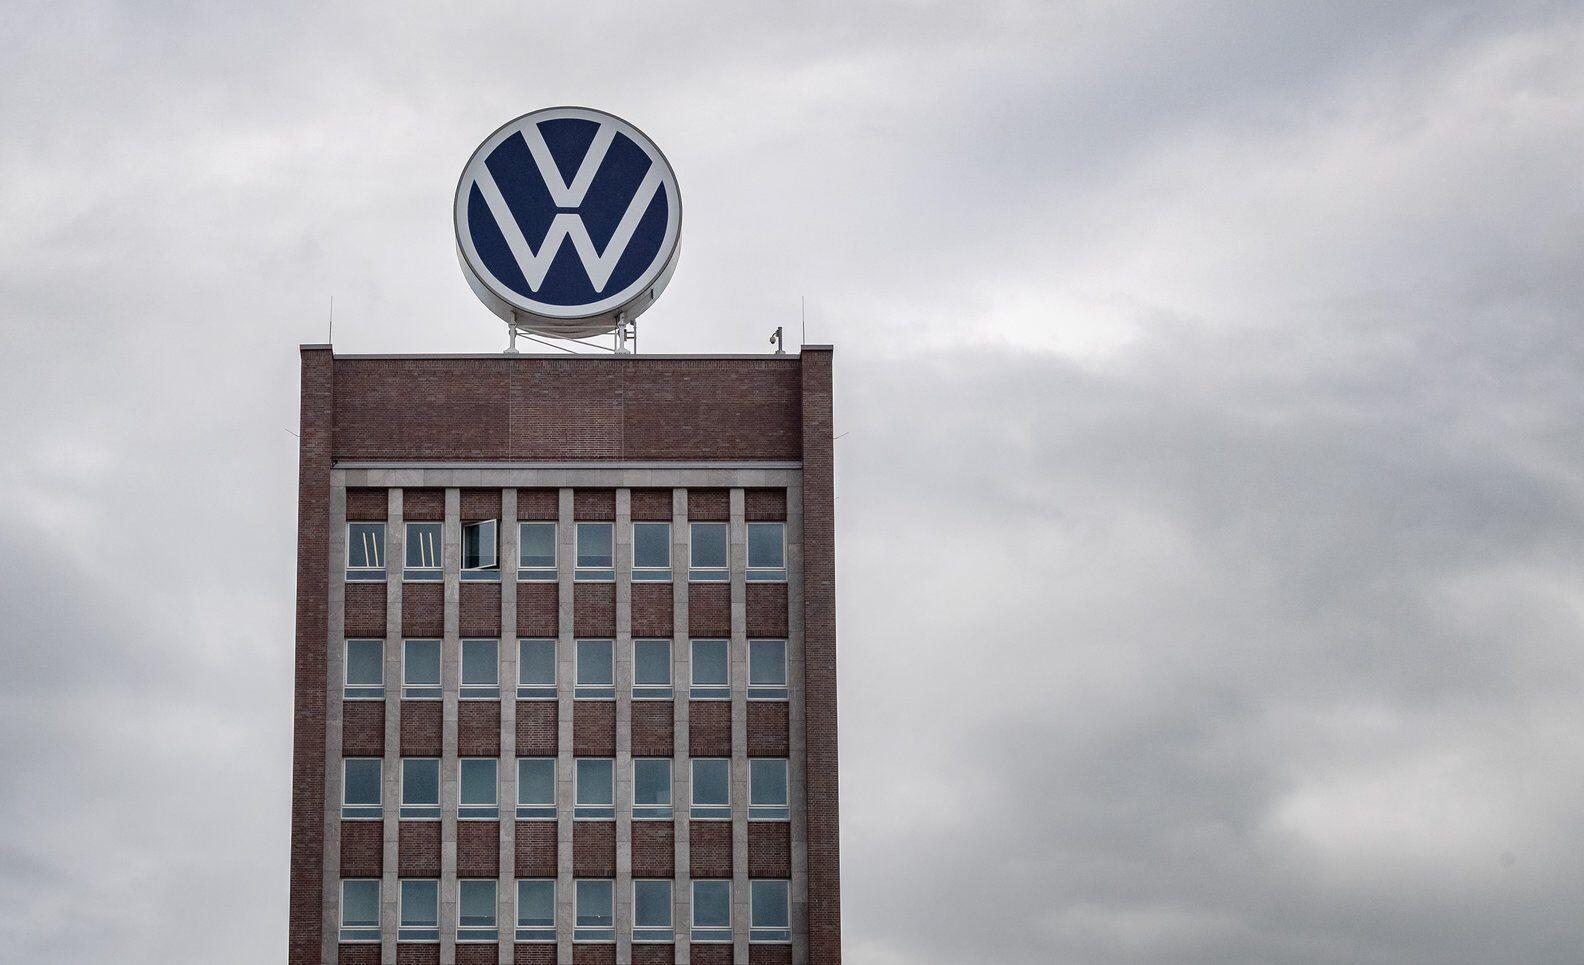 Bild zu VW-Manager wegen Untreue angeklagt - VW-Logo